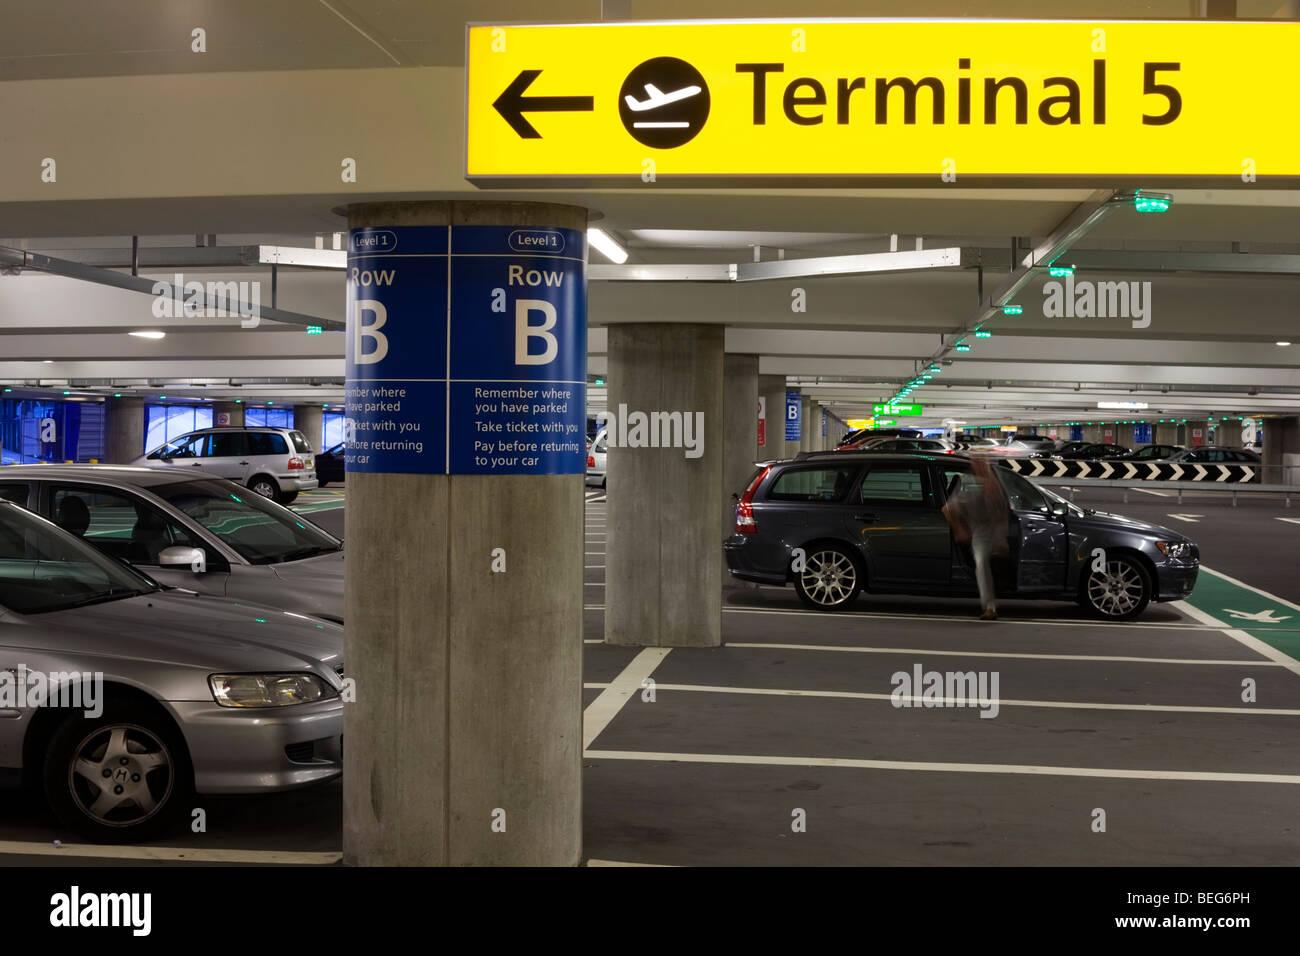 man-closes-vehicle-door-and-car-park-arc